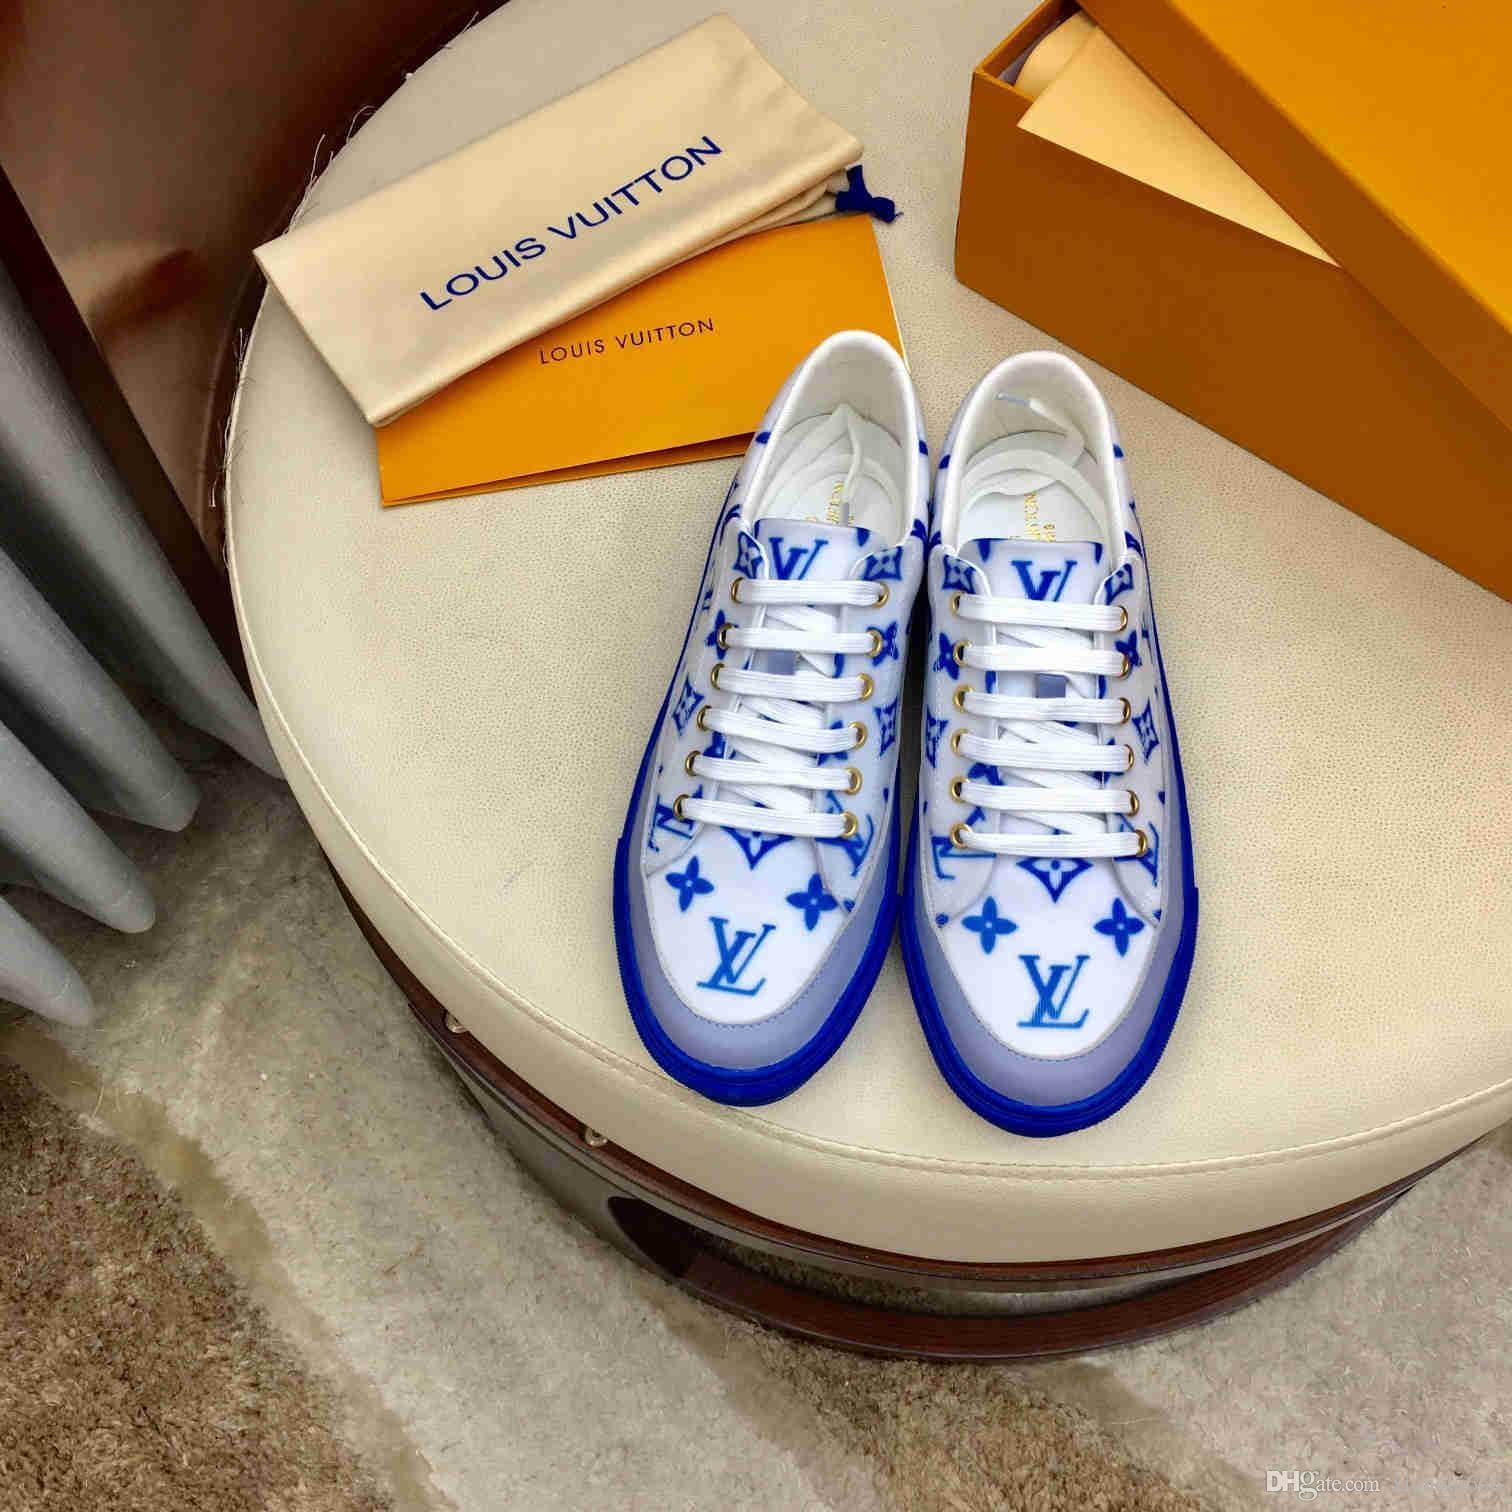 2020 новые женские повседневные кроссовки, удобные и дышащие плоские туфли, дешевые и универсальные